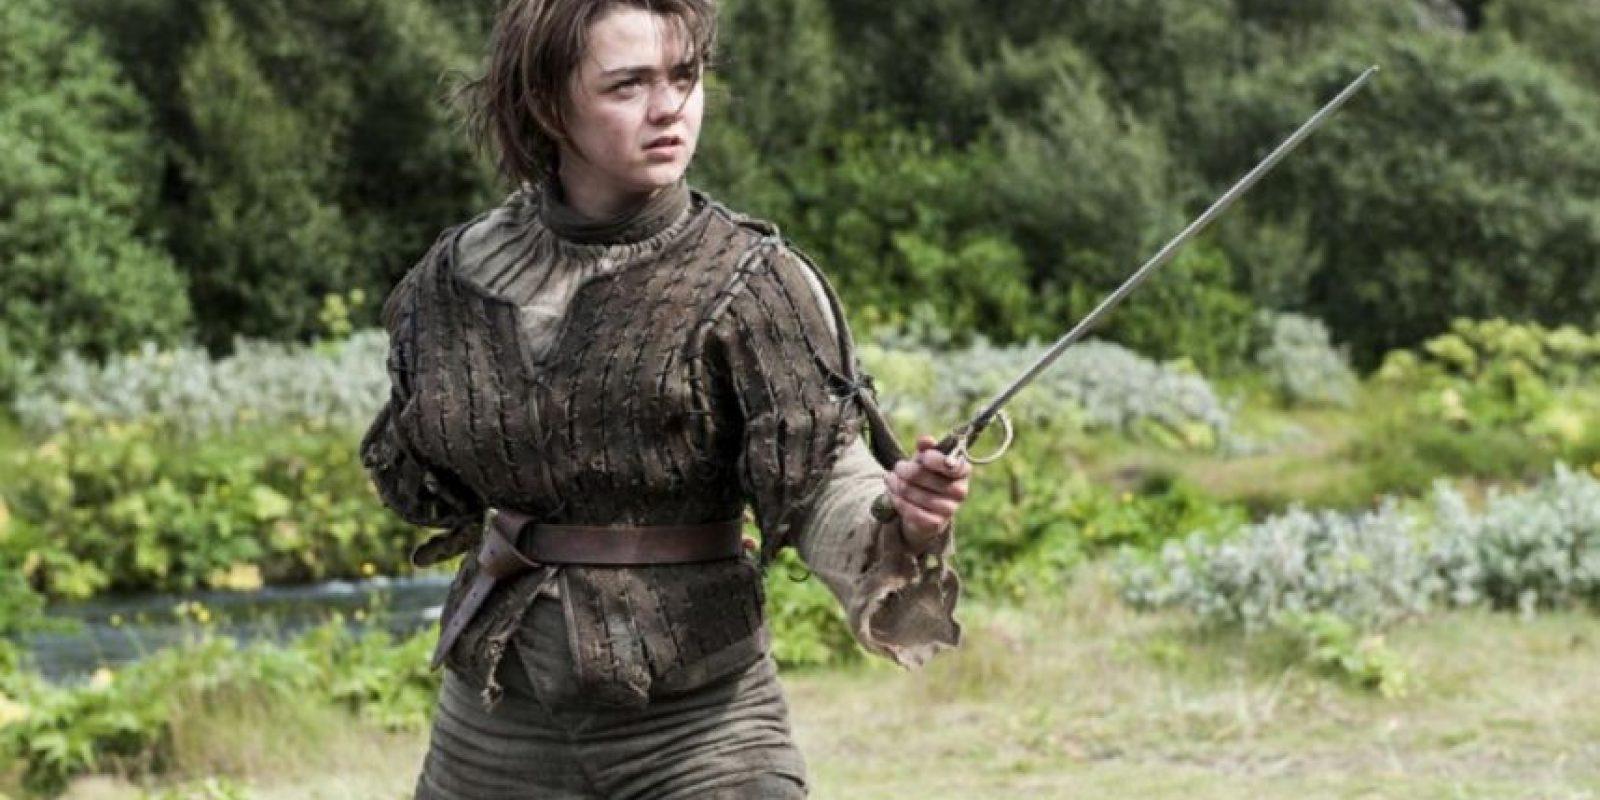 187 niñas nacidas el año pasado recibieron el nombre de Arya Stark. Foto:Vía HBO